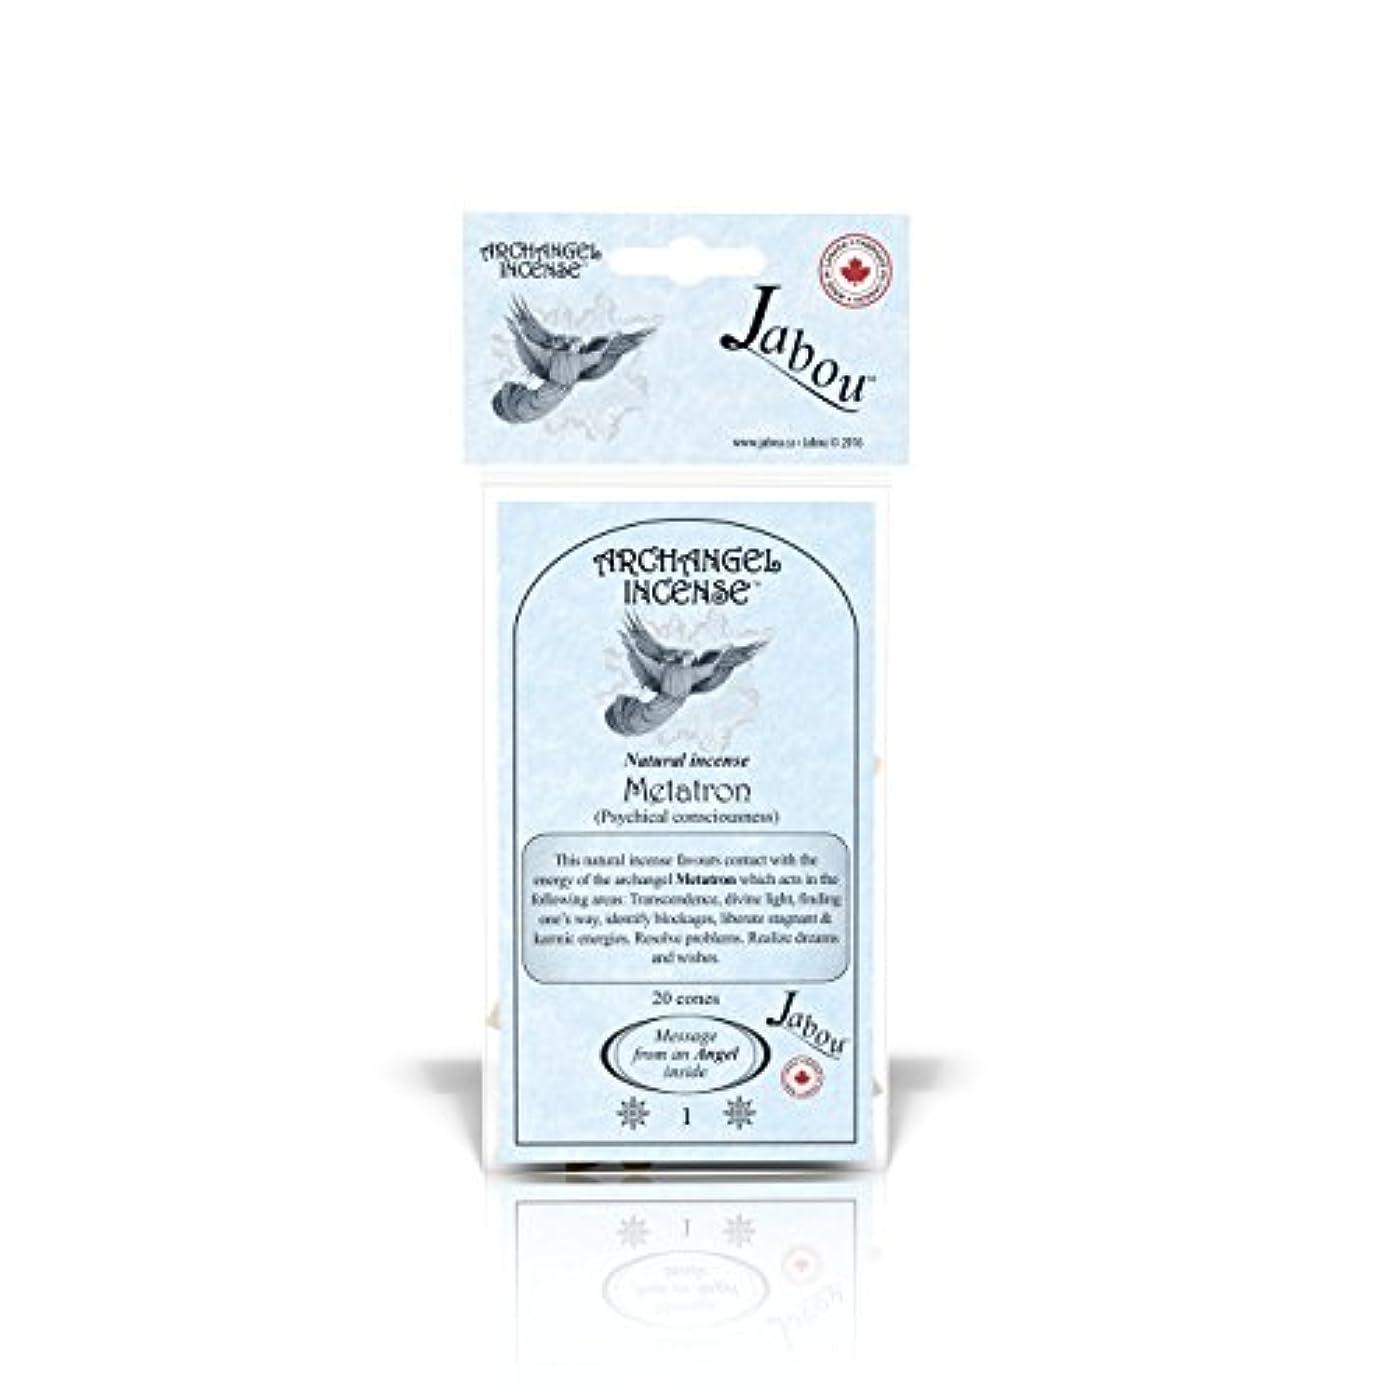 毎日コンパス劇的Jabou 大天使 100%天然お香 コーン - 12個の香り - 瞑想 ヨガ リラクゼーション マジック ヒーリング 祈り 儀式 - 20個のコーン - 各30分以上持続